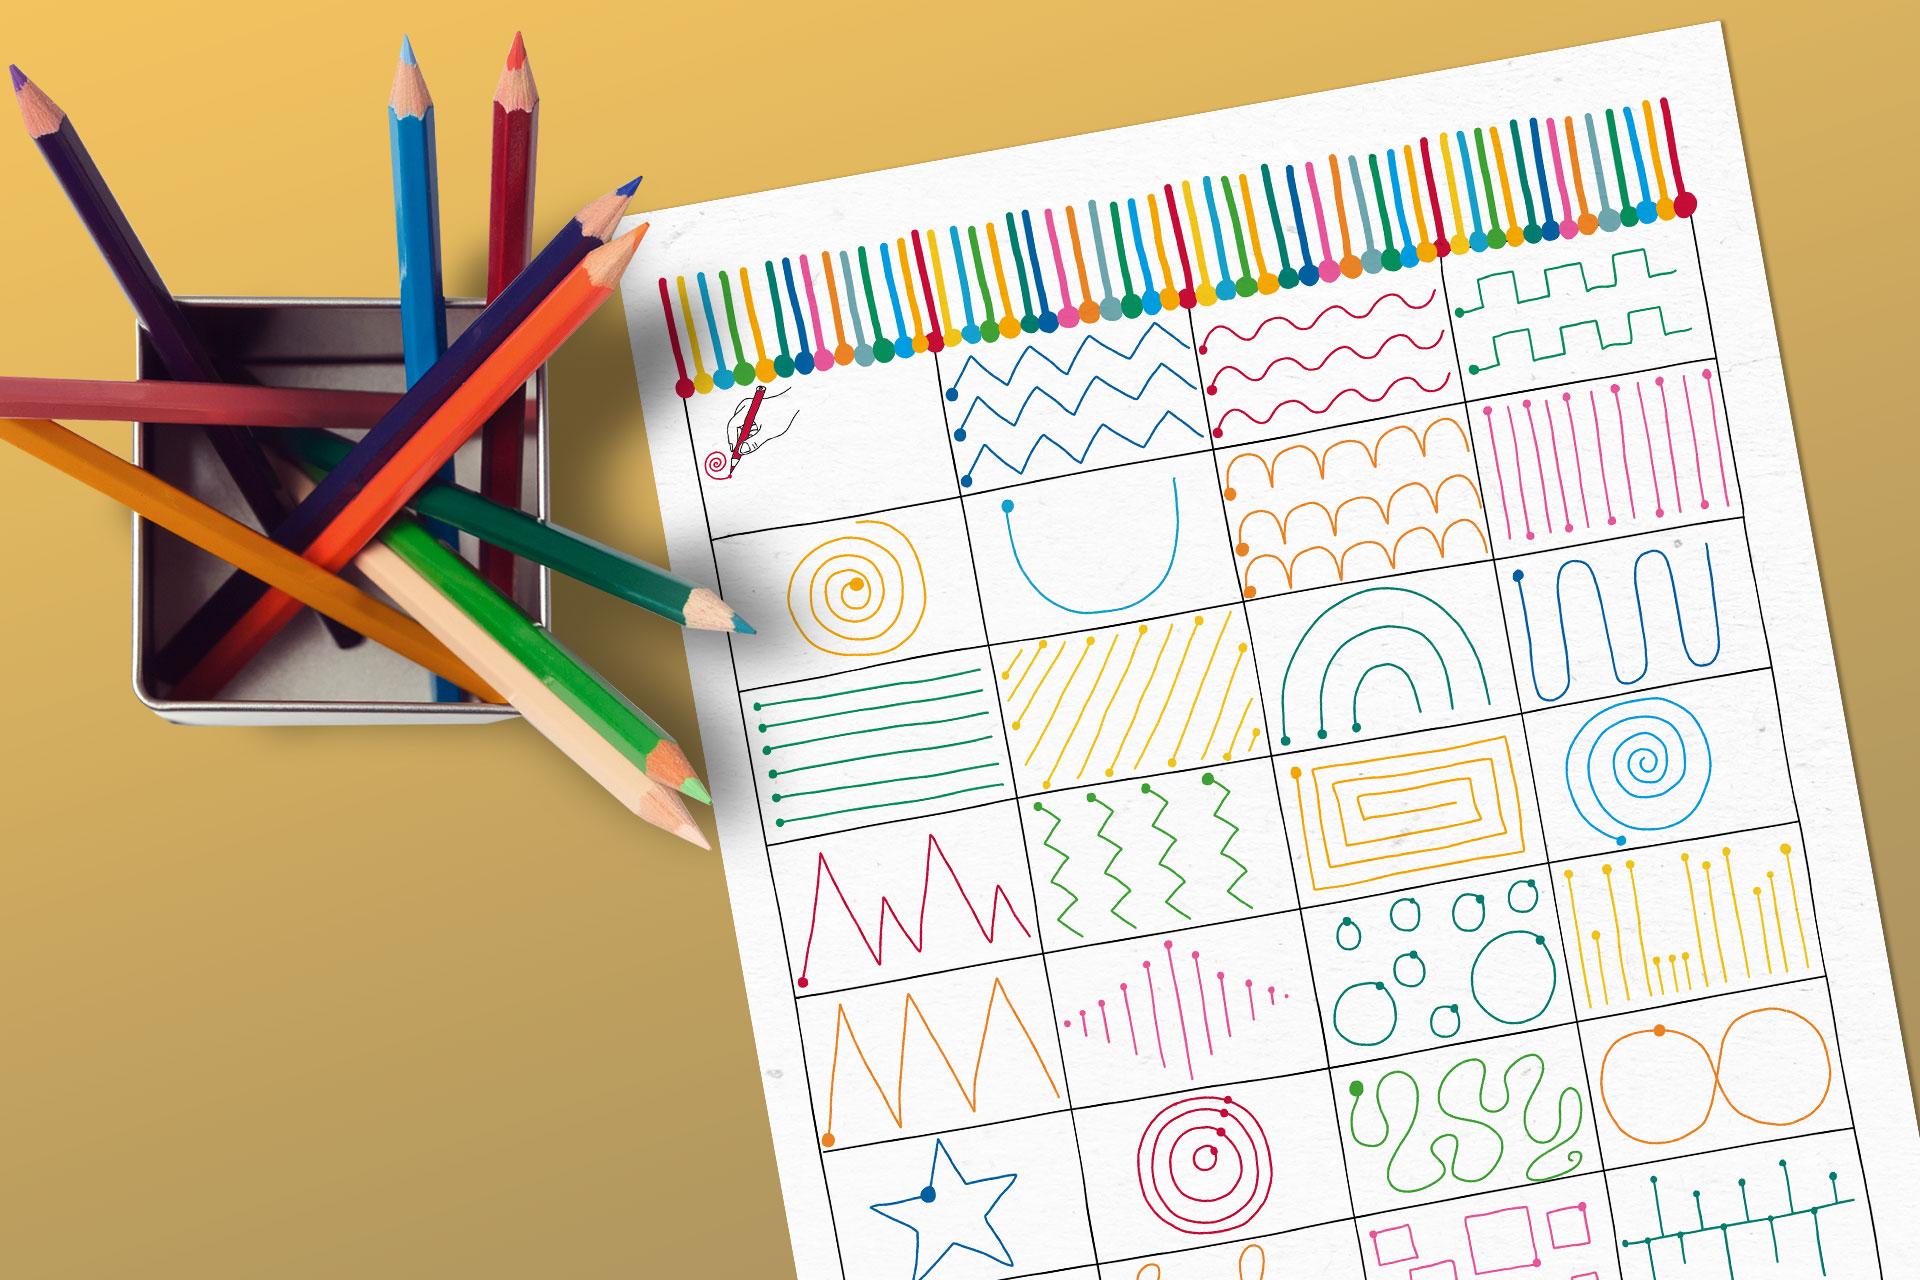 Becher mit Farbstiften neben einem Schreibübungsblatt mit Linien